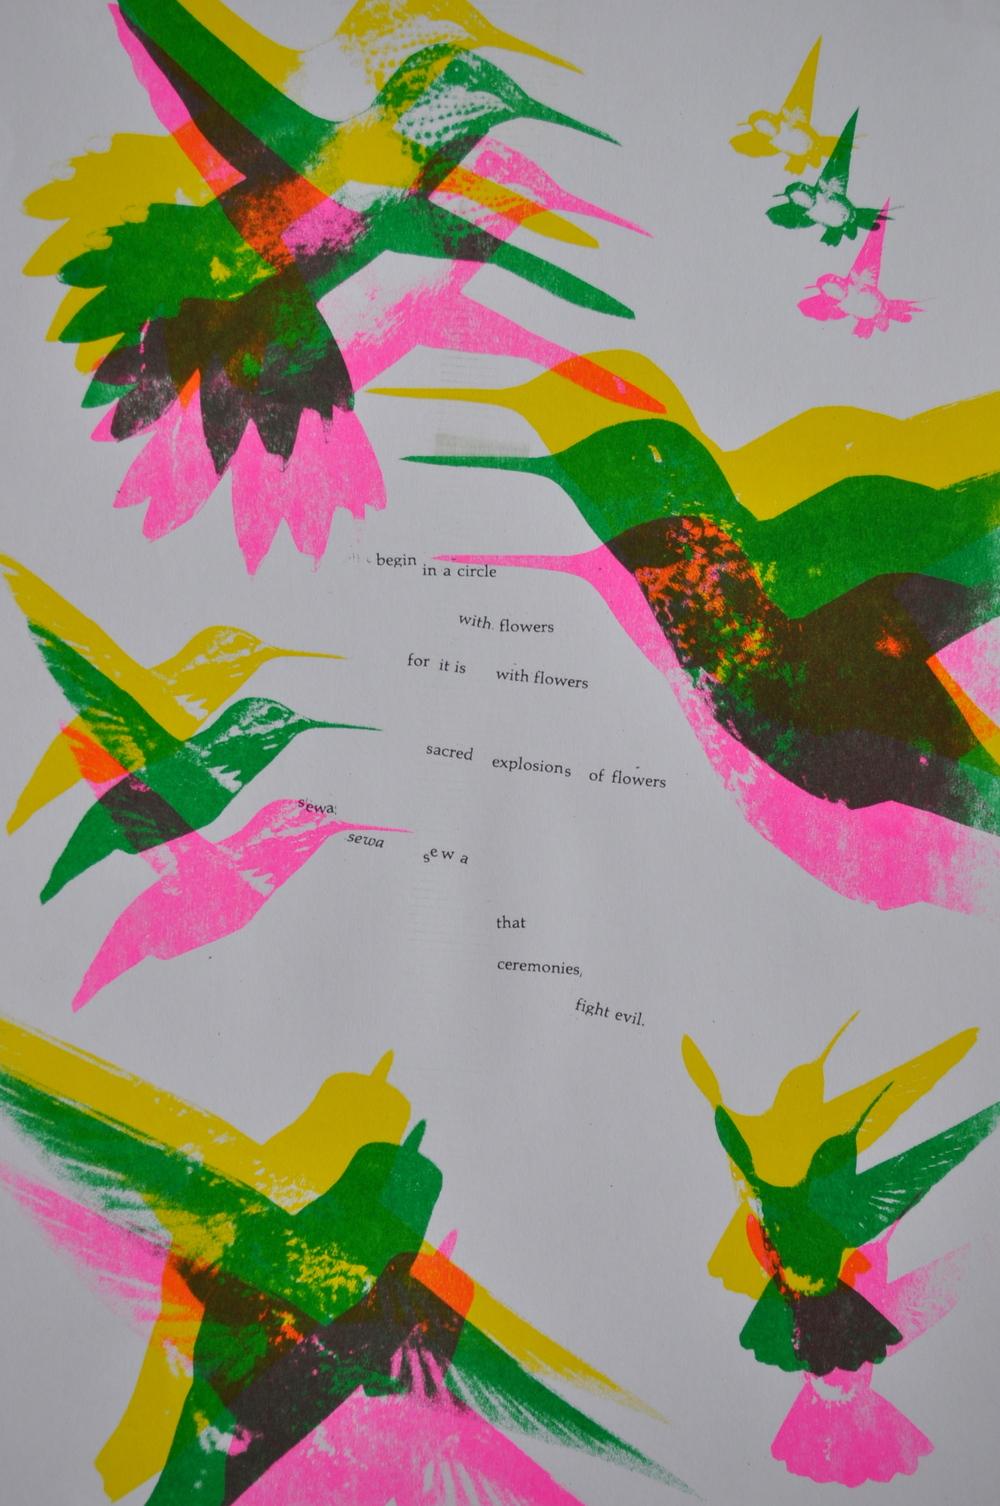 print_sacred explosions of flowers.jpg